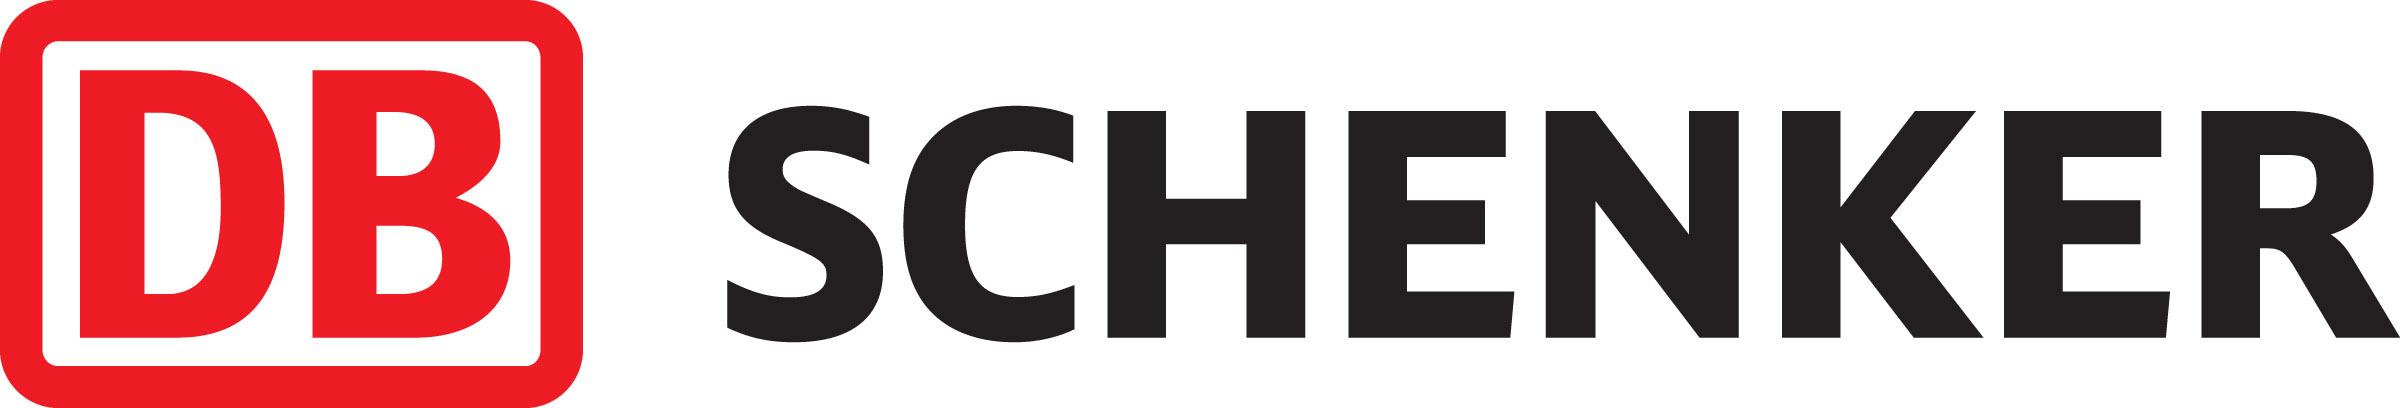 DB-SCHENKER_4c_M